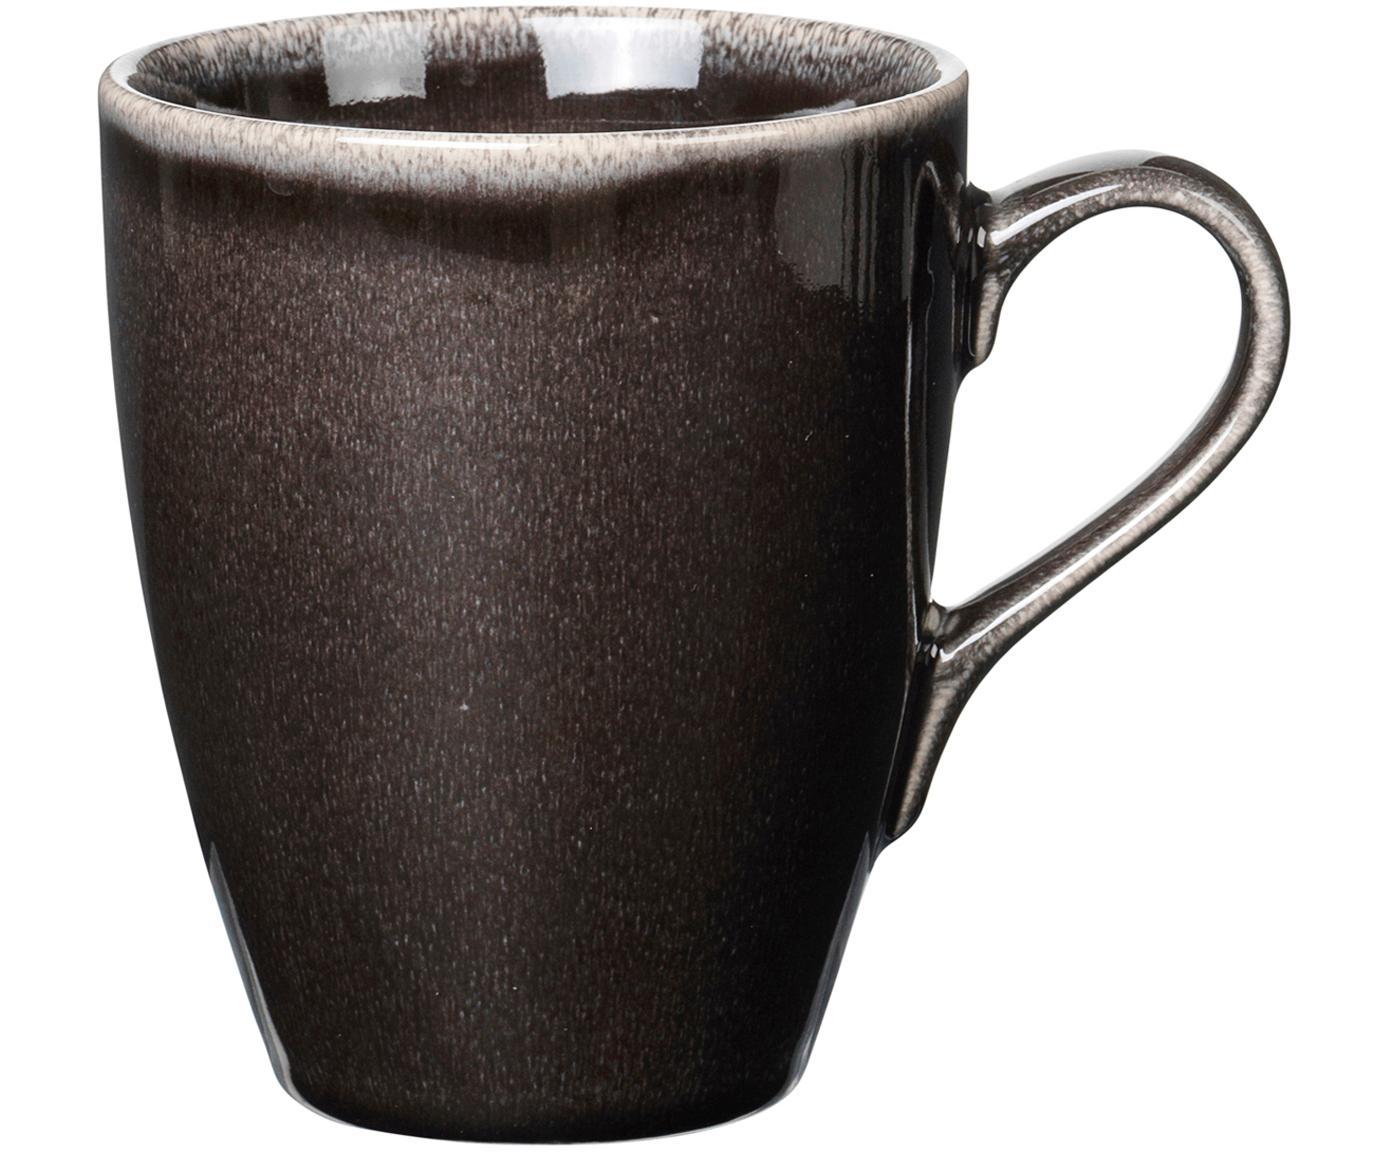 Handgemachte Tassen Nordic Coal aus Steingut, 6 Stück, Steingut, Bräunlich, Ø 10 x H 12 cm